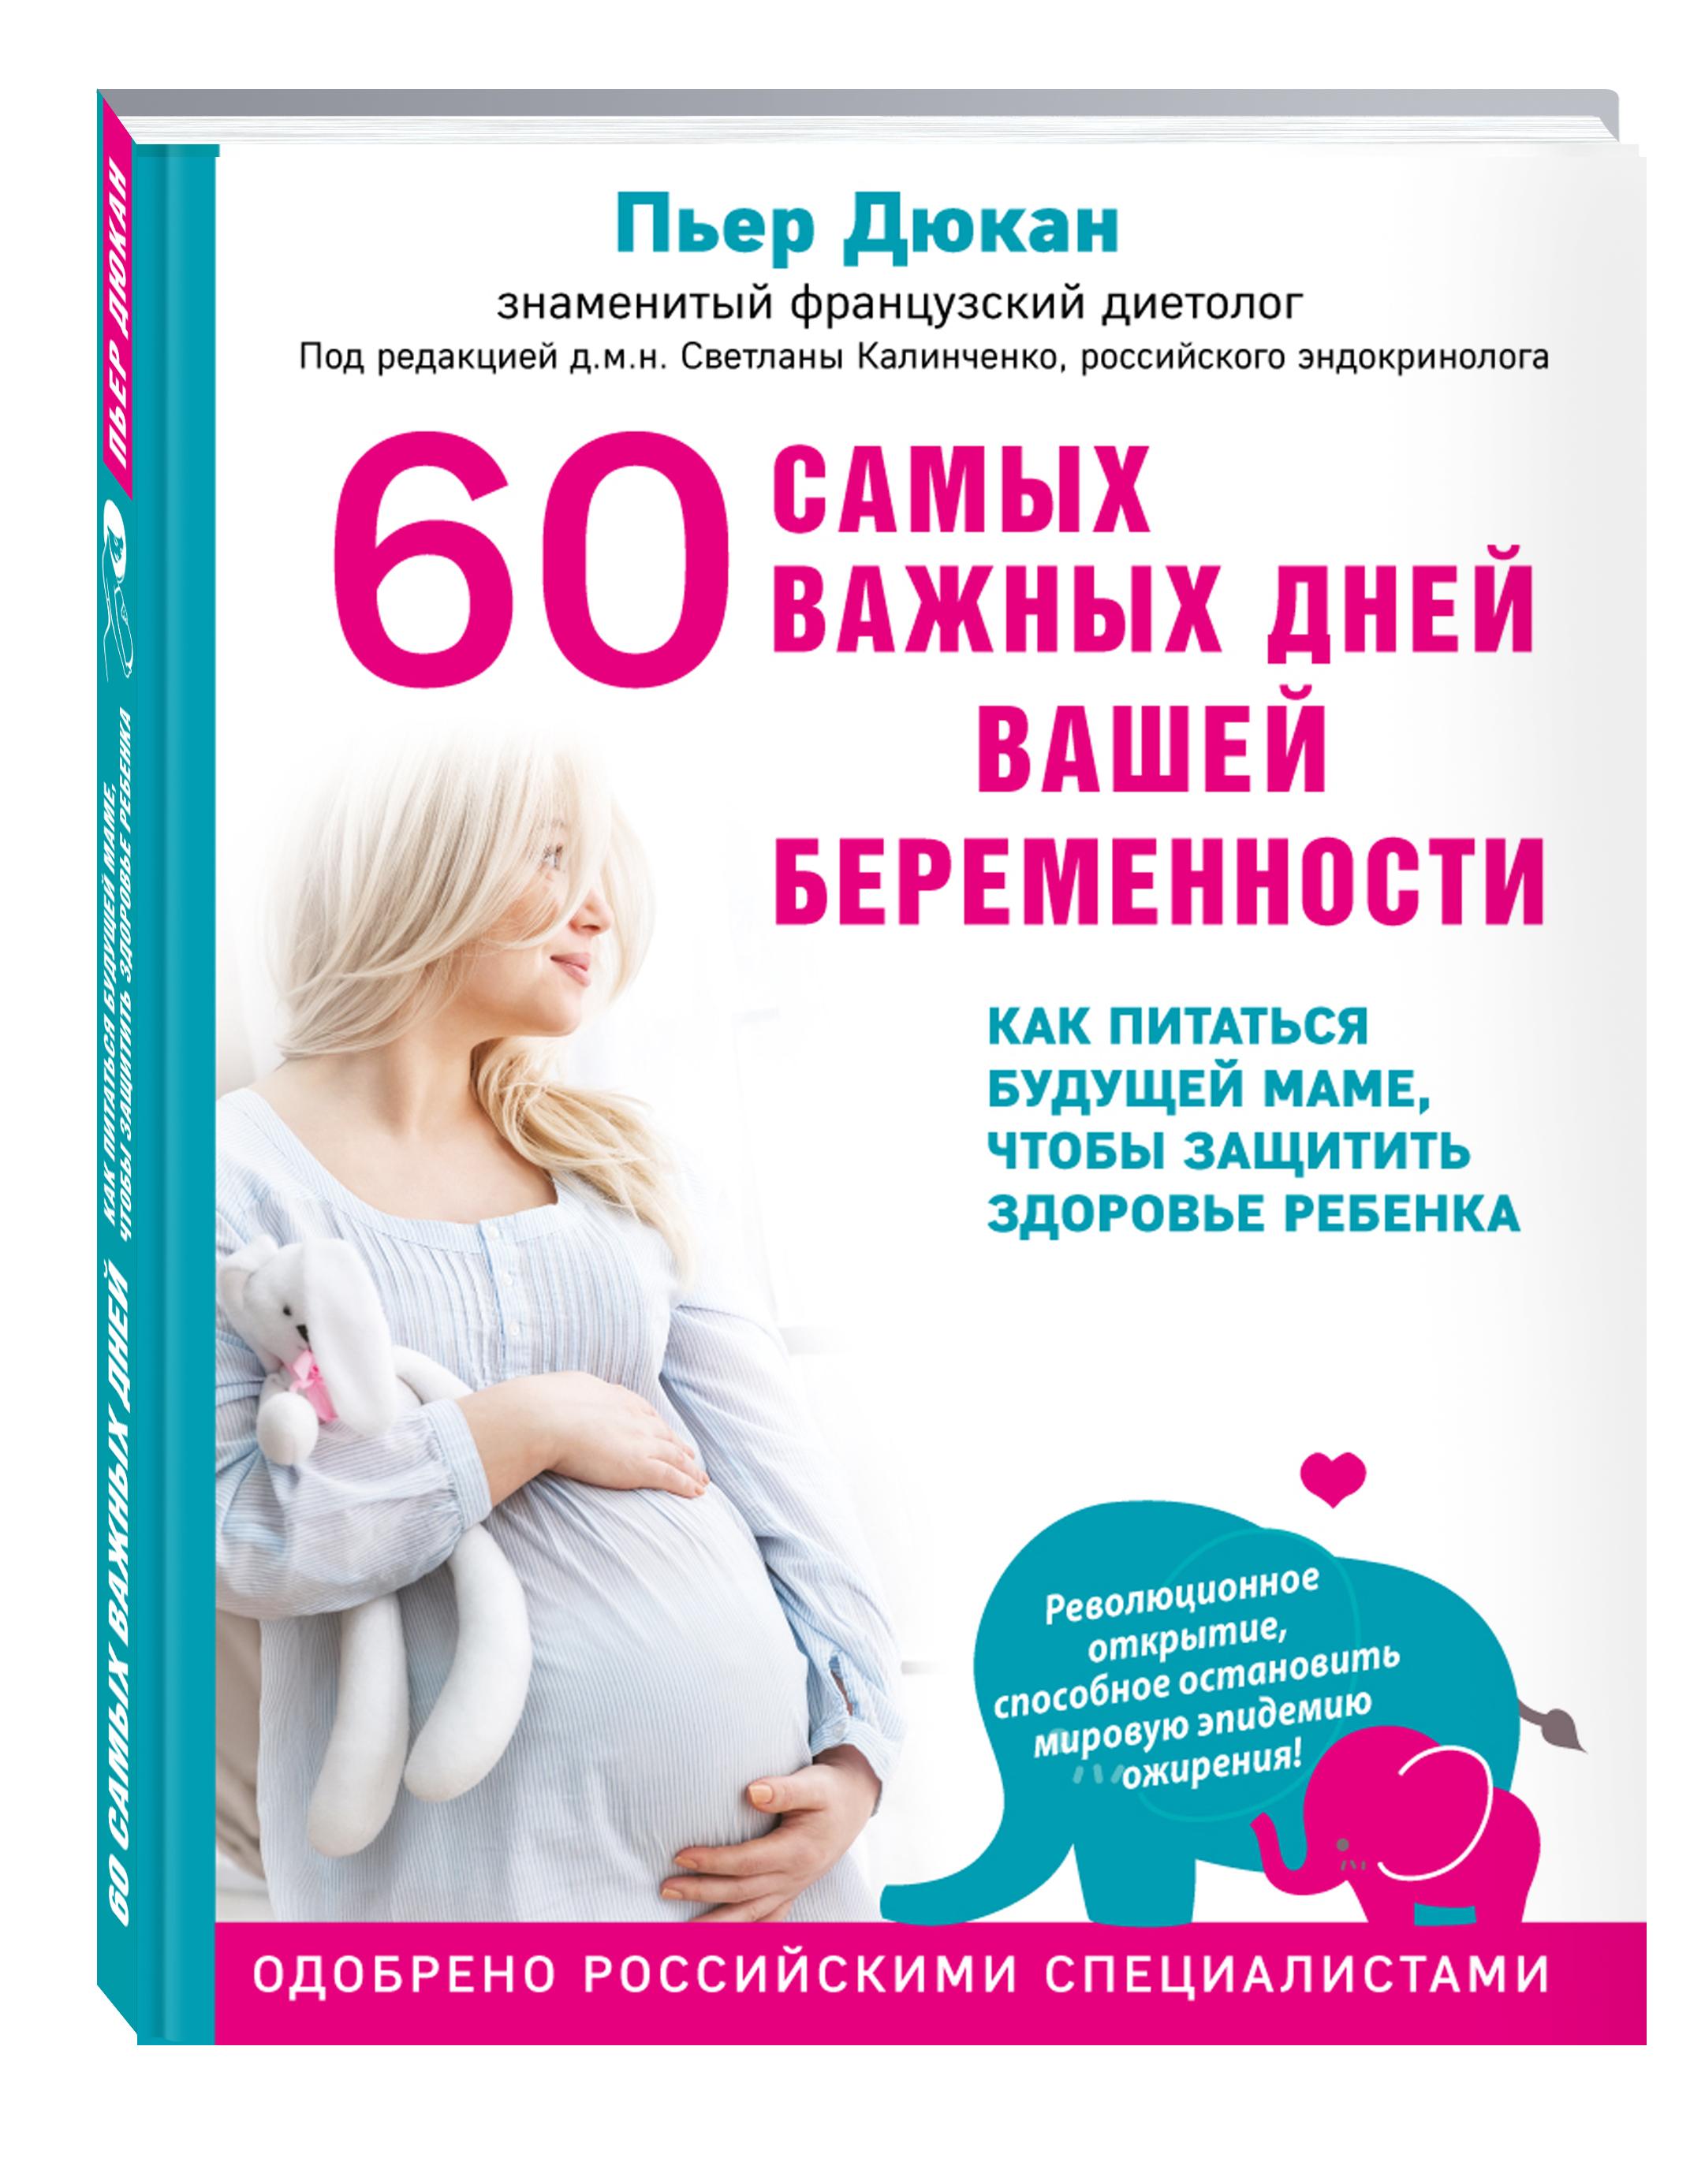 Пьер Дюкан 60 самых важных дней вашей беременности. Как питаться будущей маме, чтобы защитить здоровье ребенка